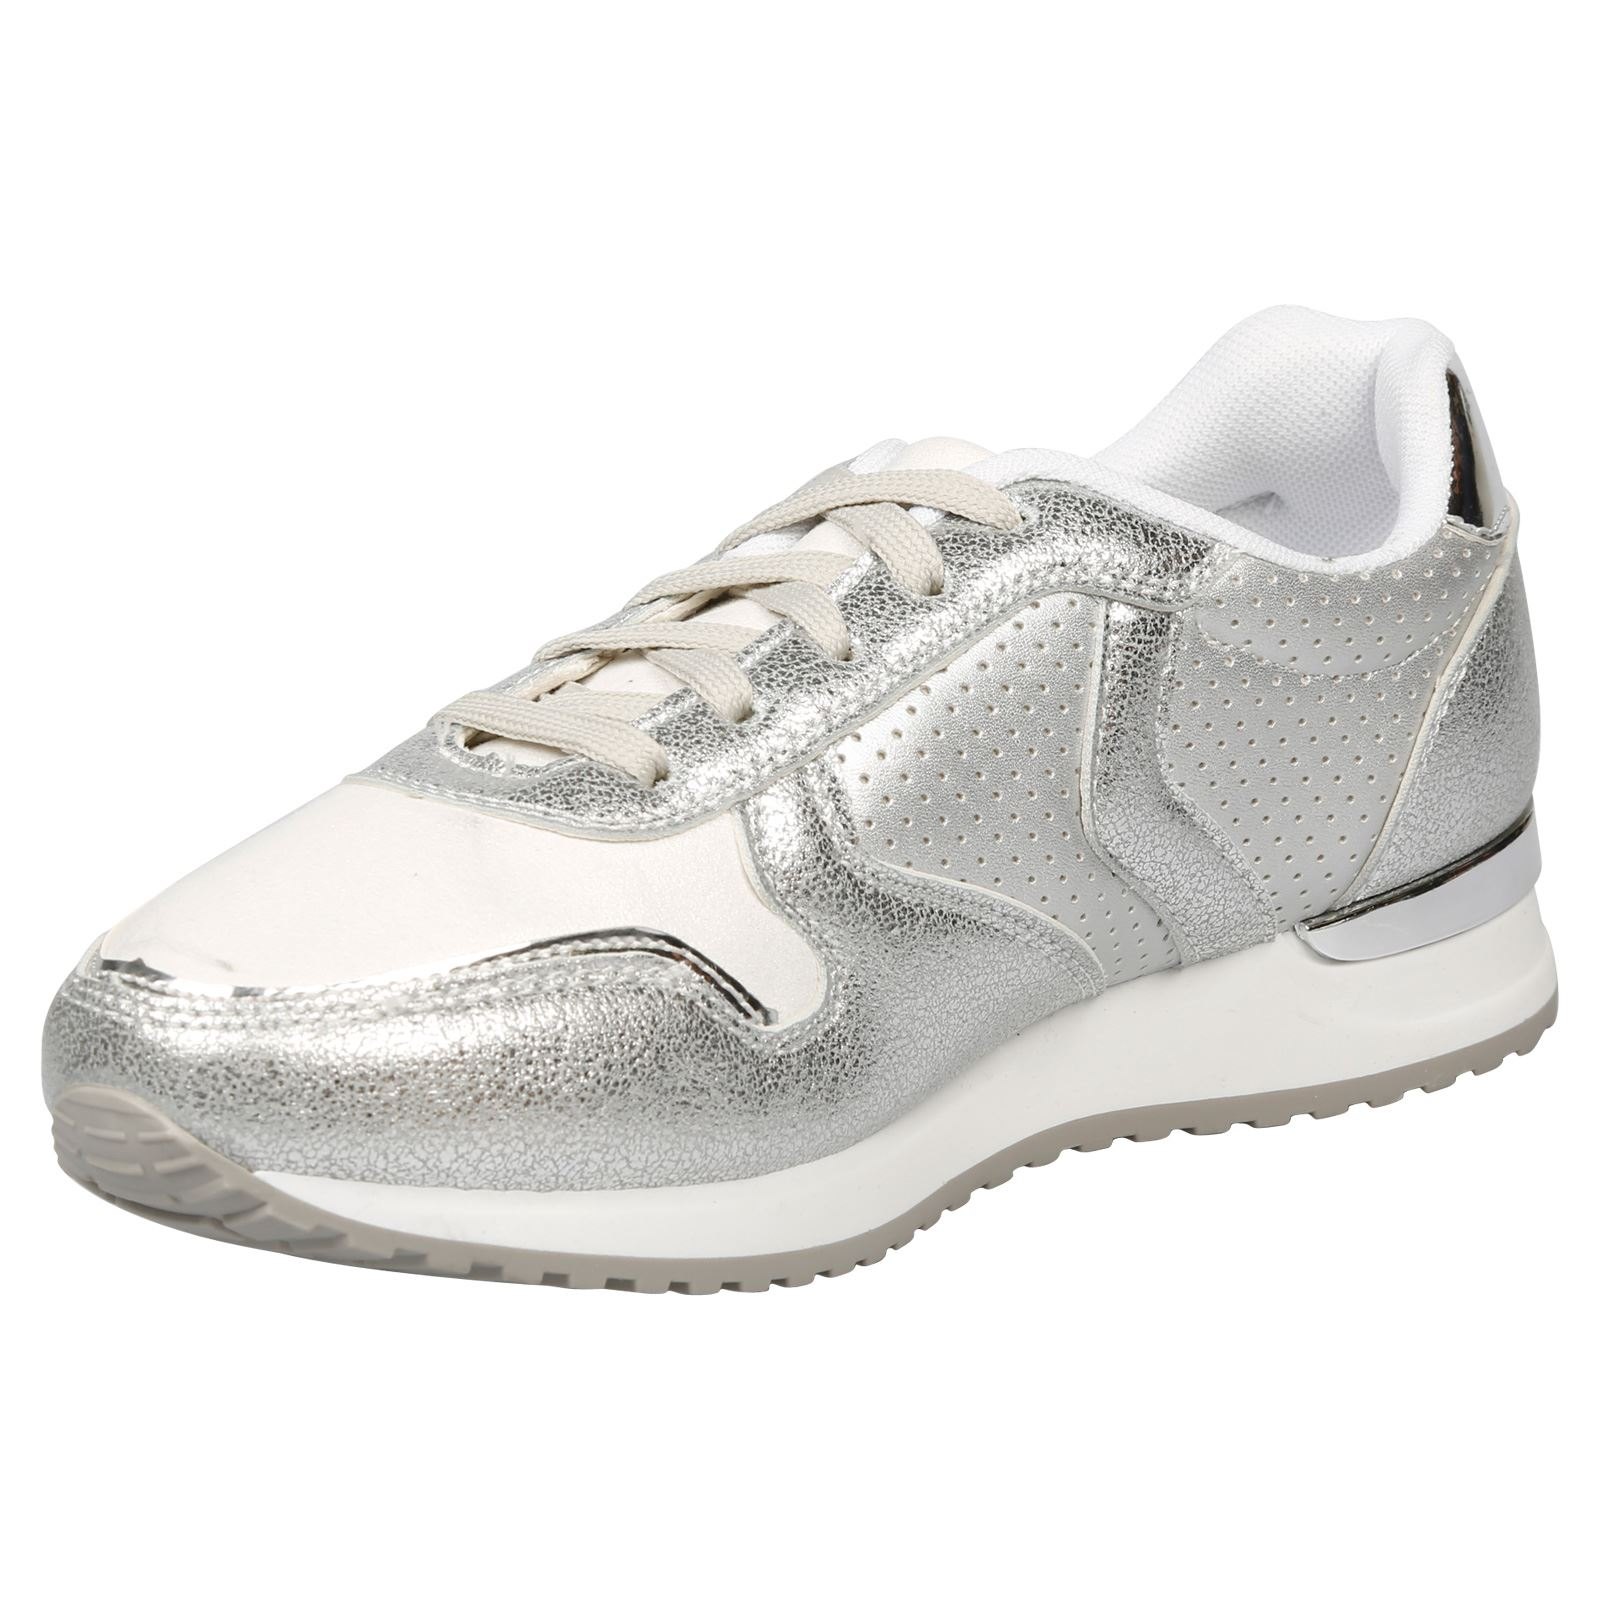 Mujer-Zapatos-De-Tacon-Bajo-Pisos-Shanon-Con-Cordones-Zapatillas-Damas-Metalico-Zapatos-Casuales